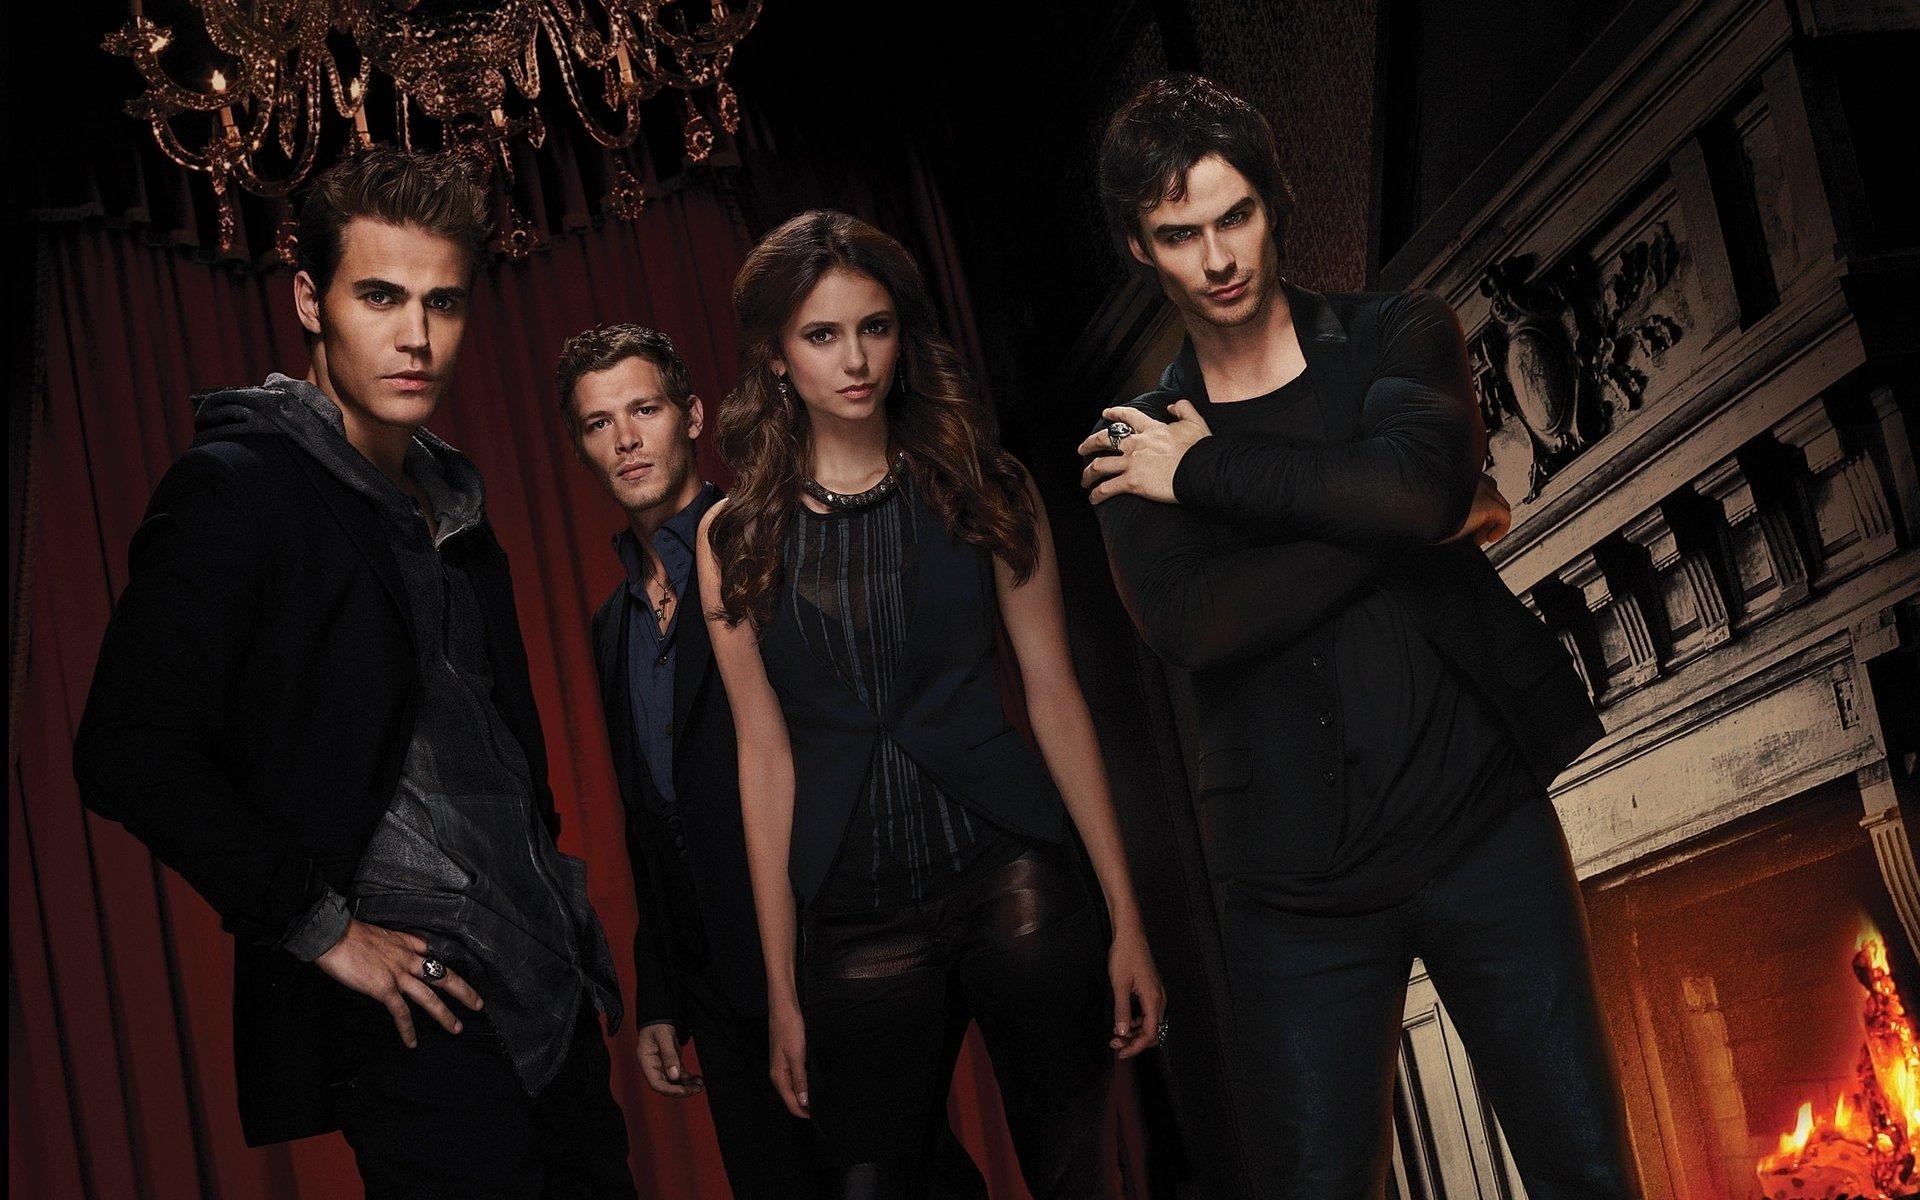 Скачать книгу дневники вампира 7 сезон